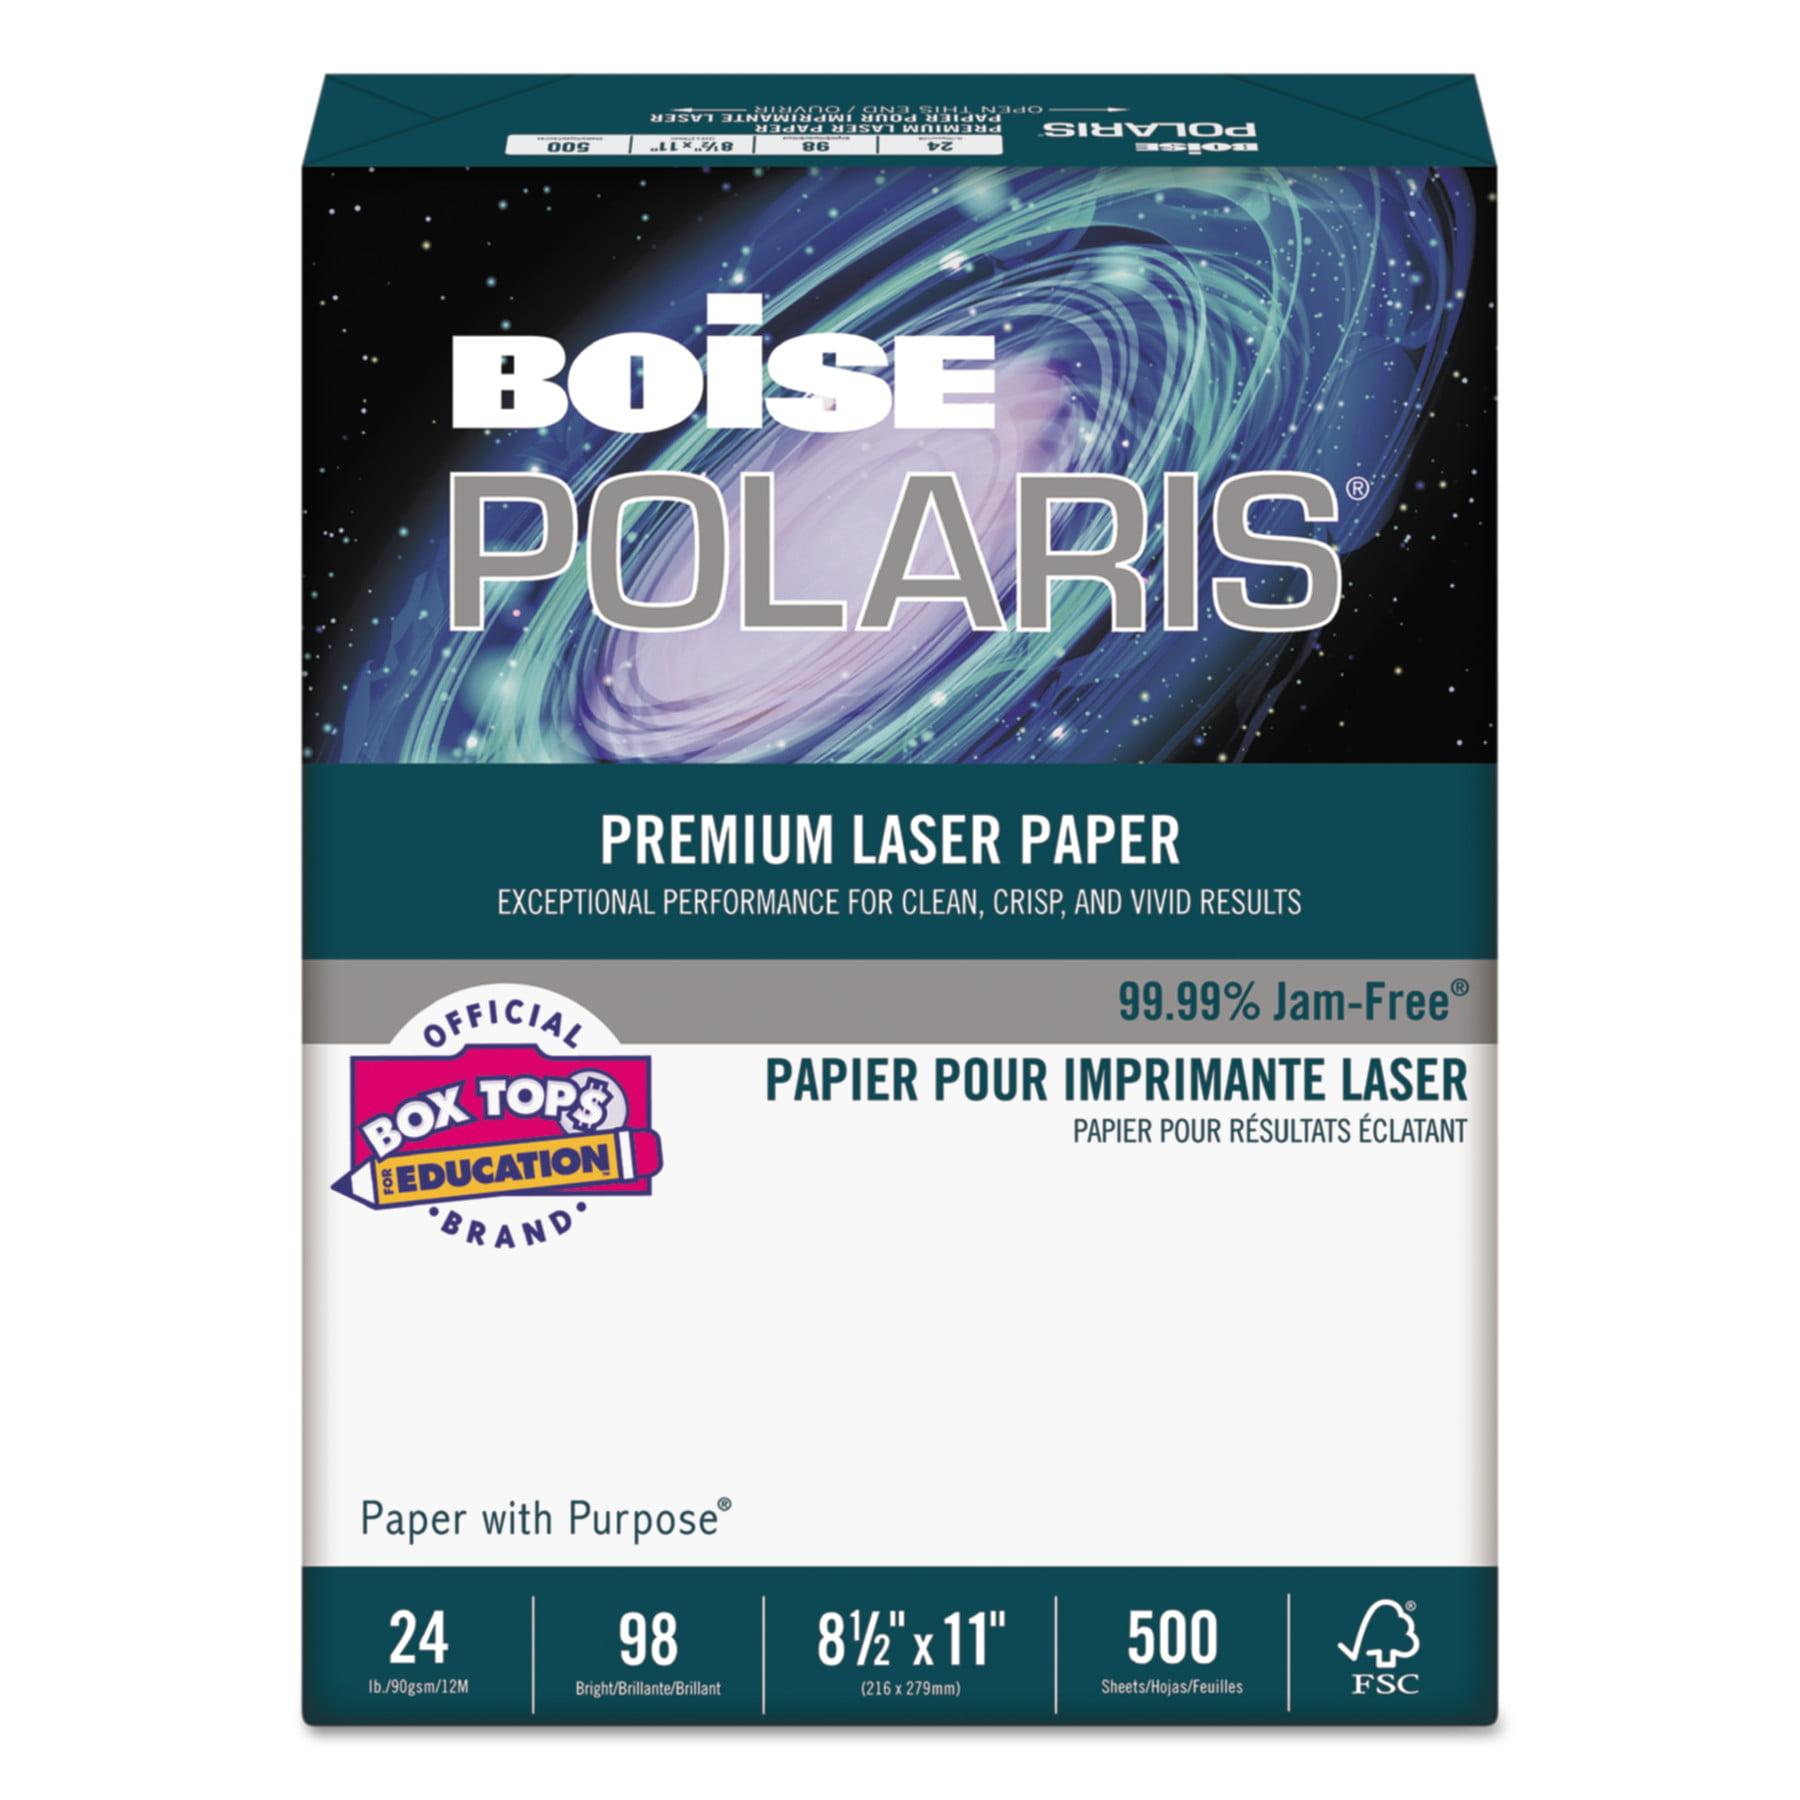 Boise POLARIS Premium Laser Paper, 98 Bright, 24lb, 8 1 2 x 11, White, 500 SHeets by CASCADES